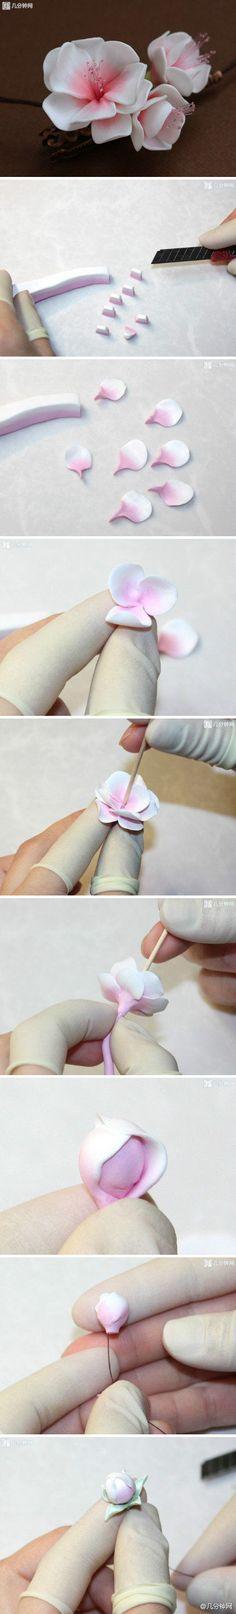 DIY Marshmallow Flower                                                                                                                                                      More